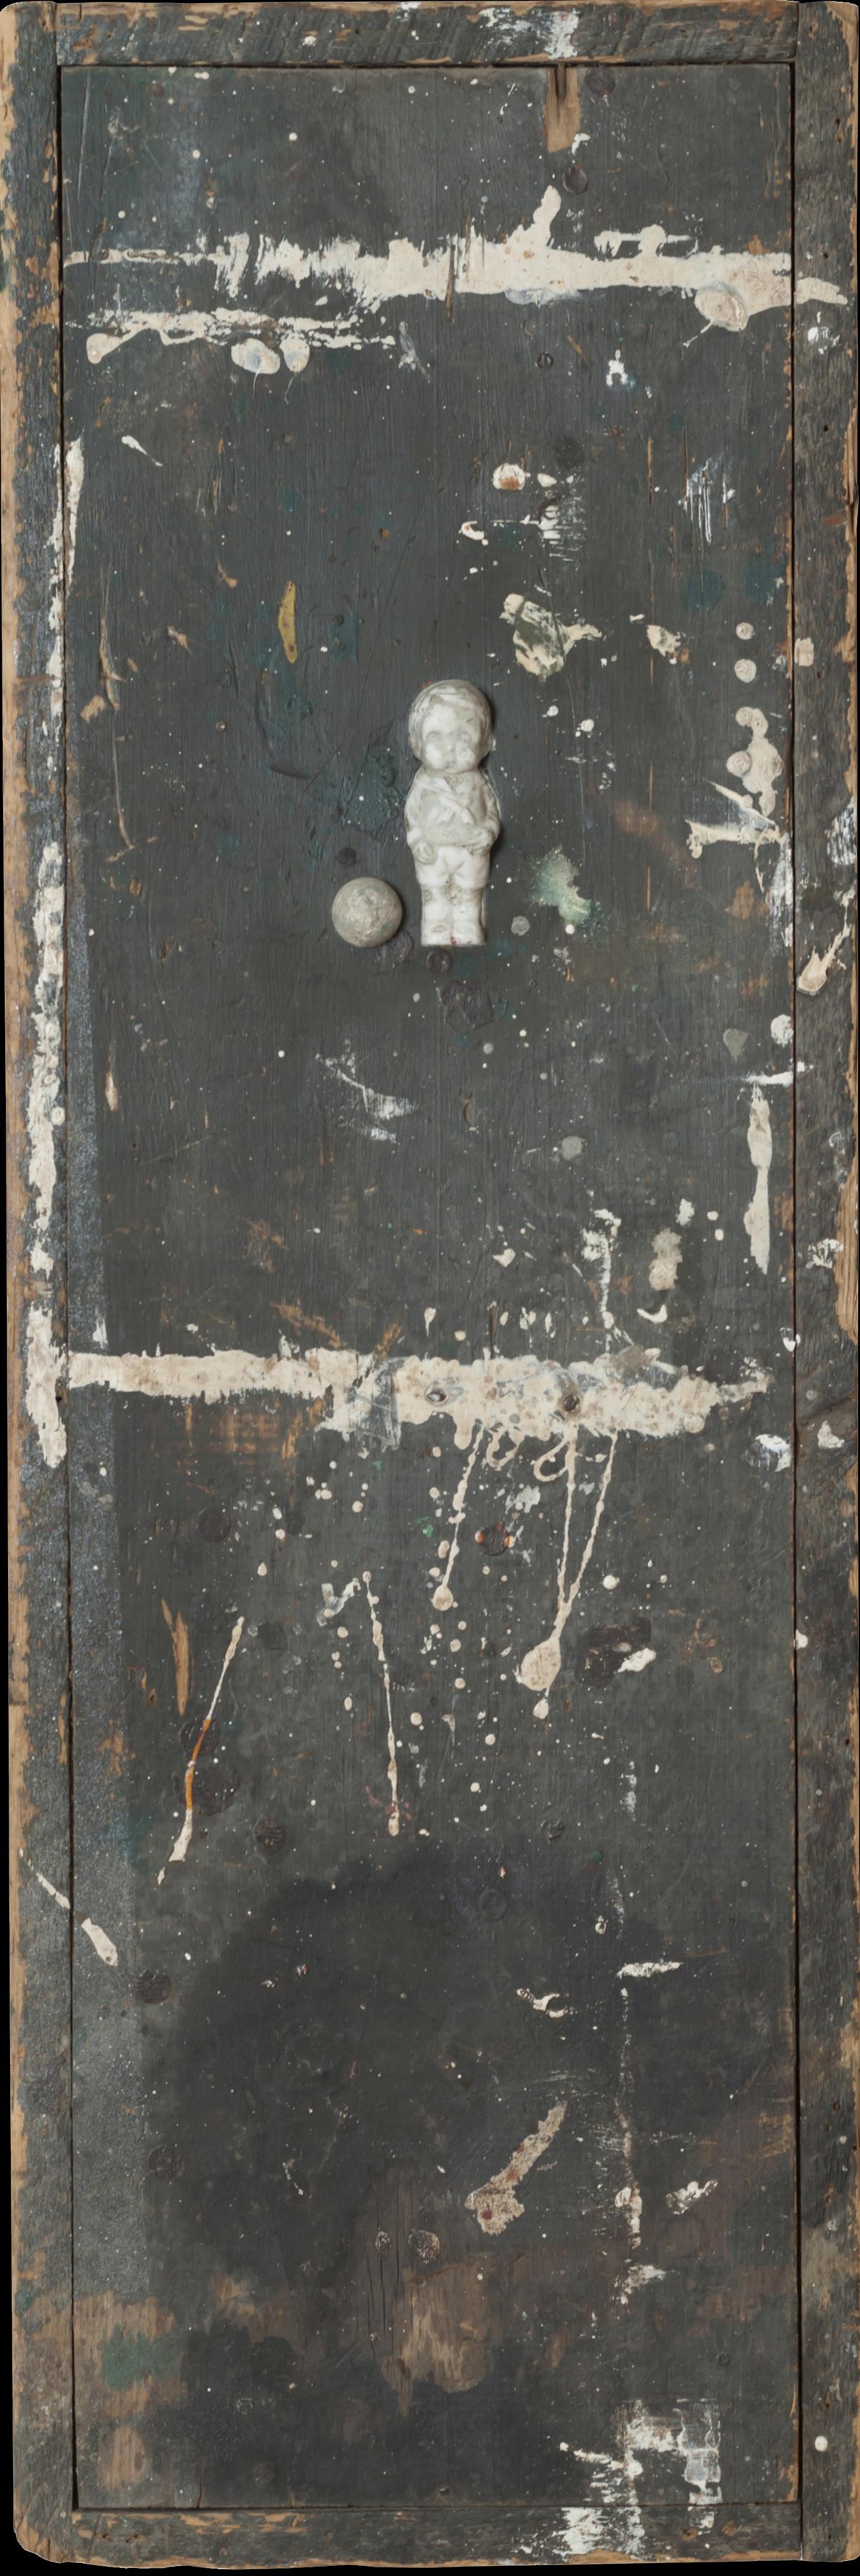 In Spirit, 2014, 35 x 11 (Sold)